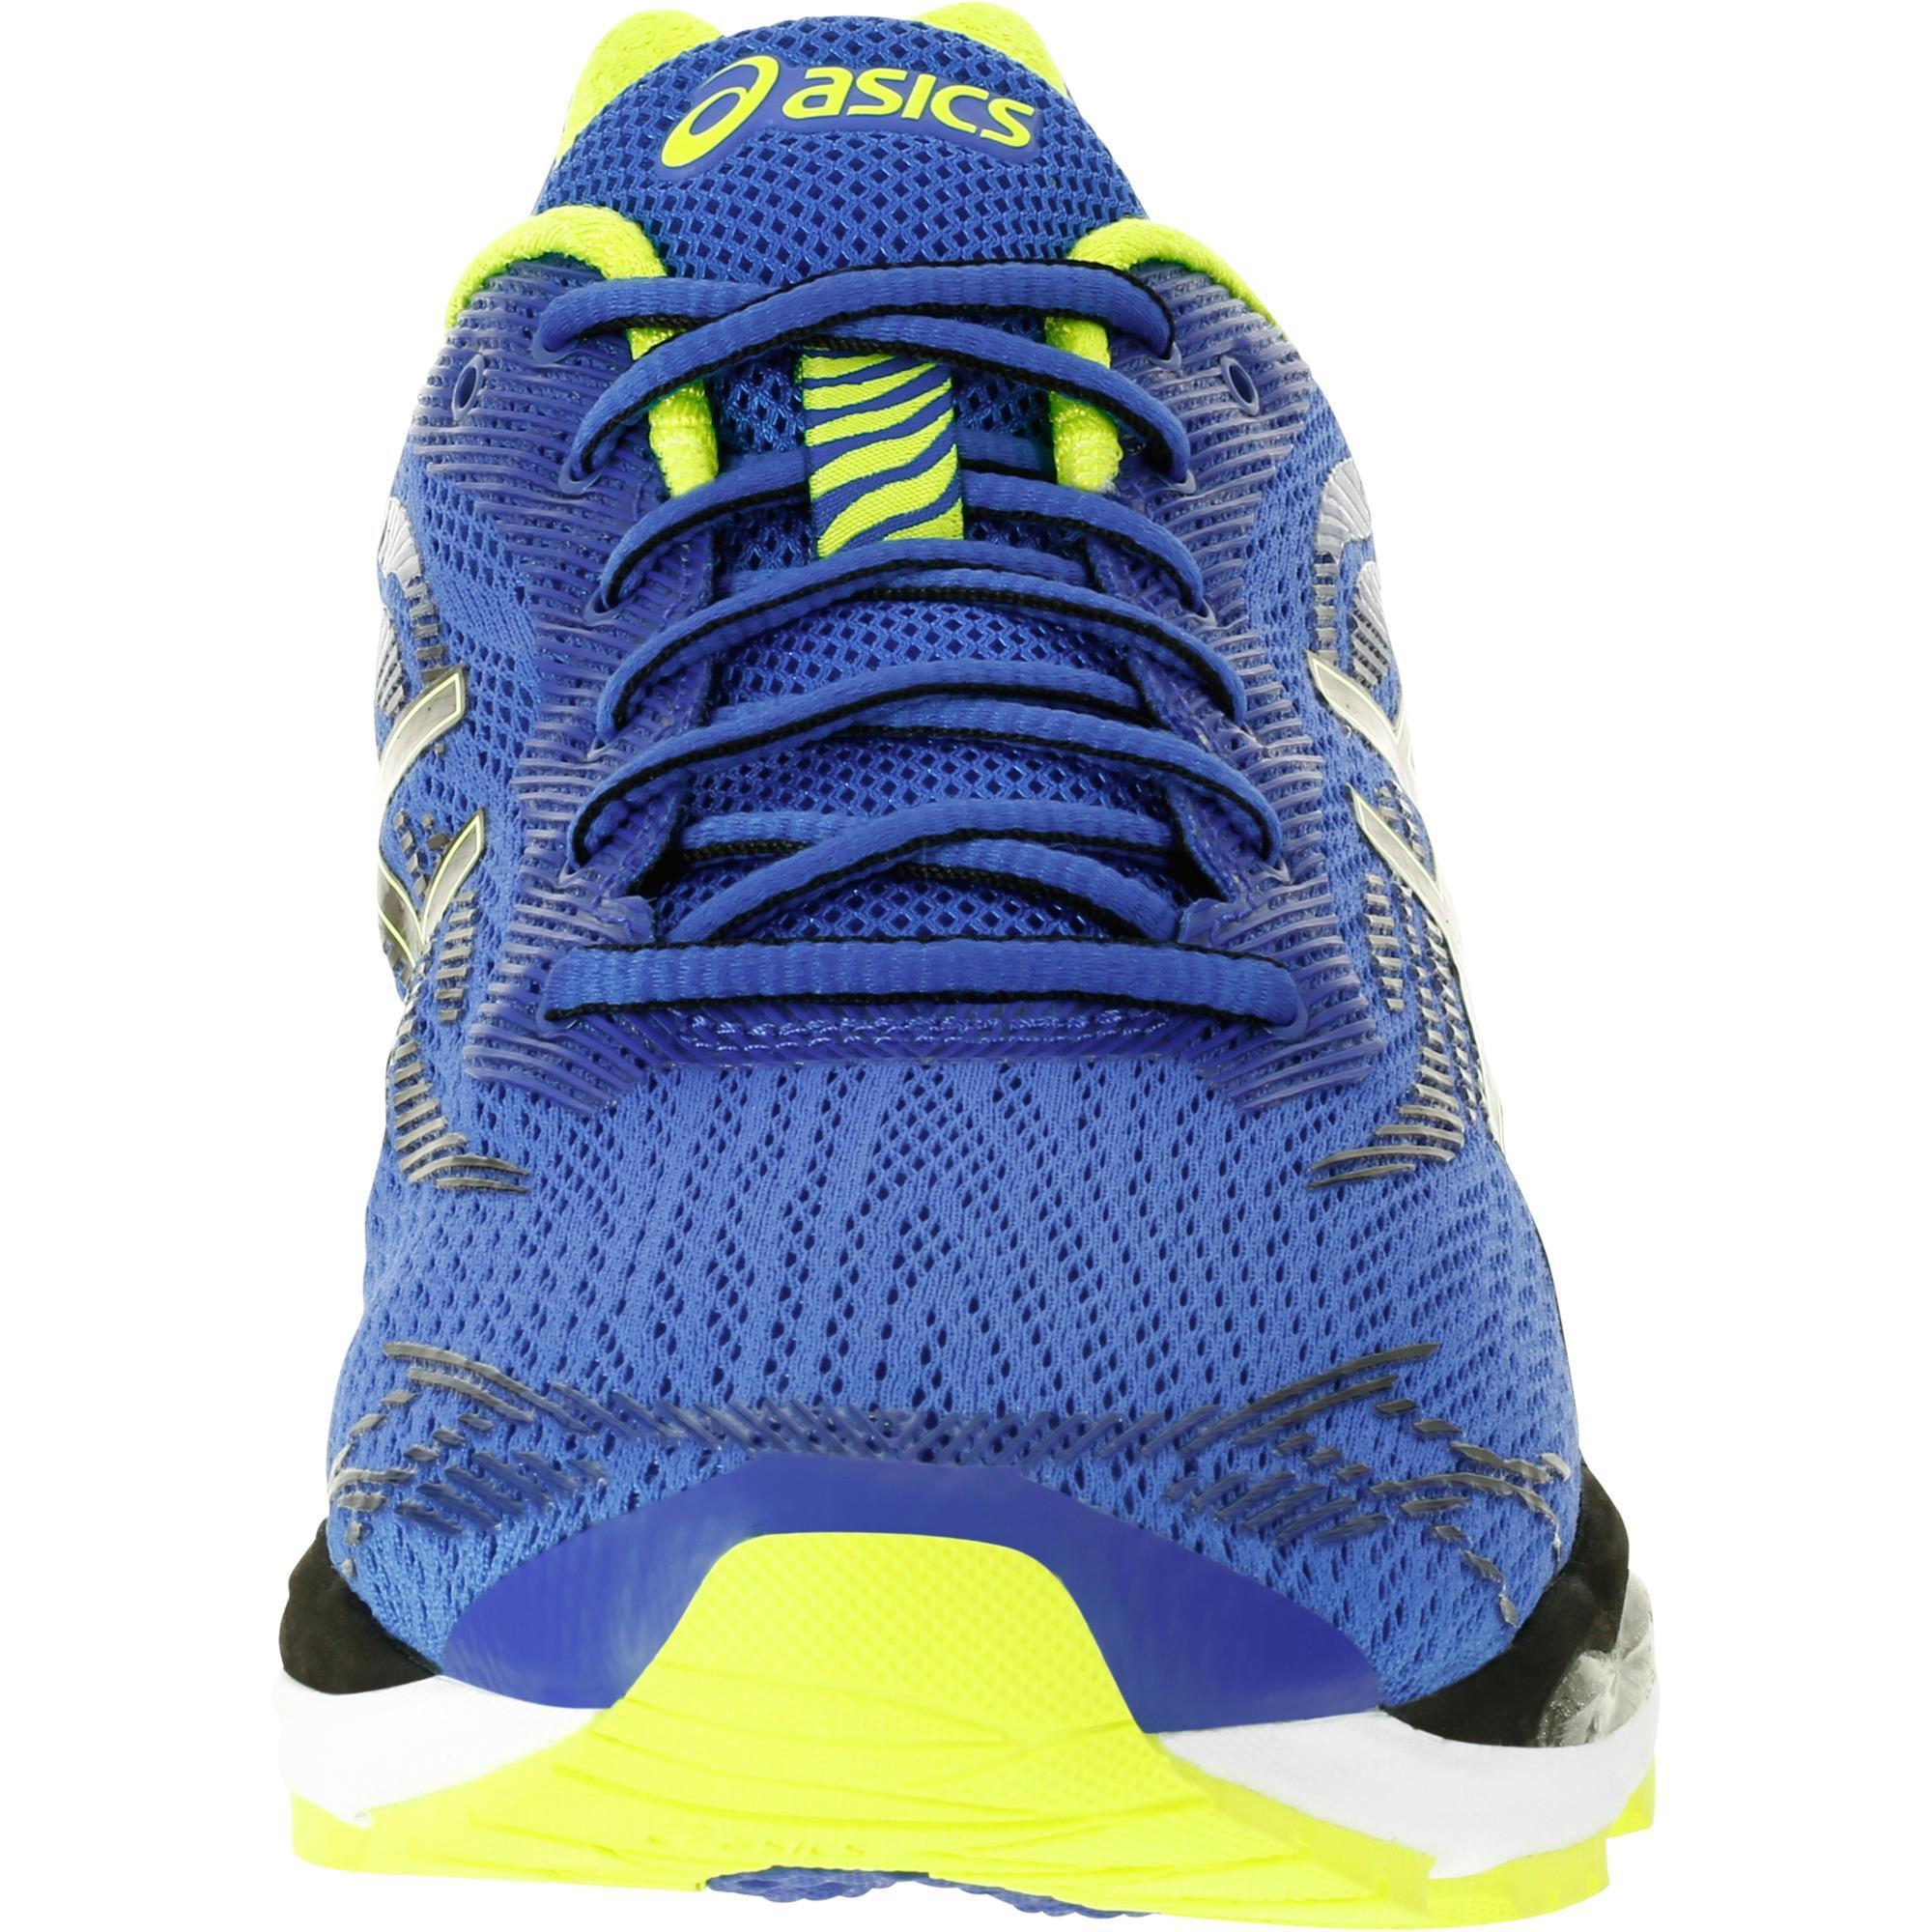 Gel Bleu Ziruss Running Jaune Asics Homme Chaussures Decathlon E8qPcgwH 3b666ac7533